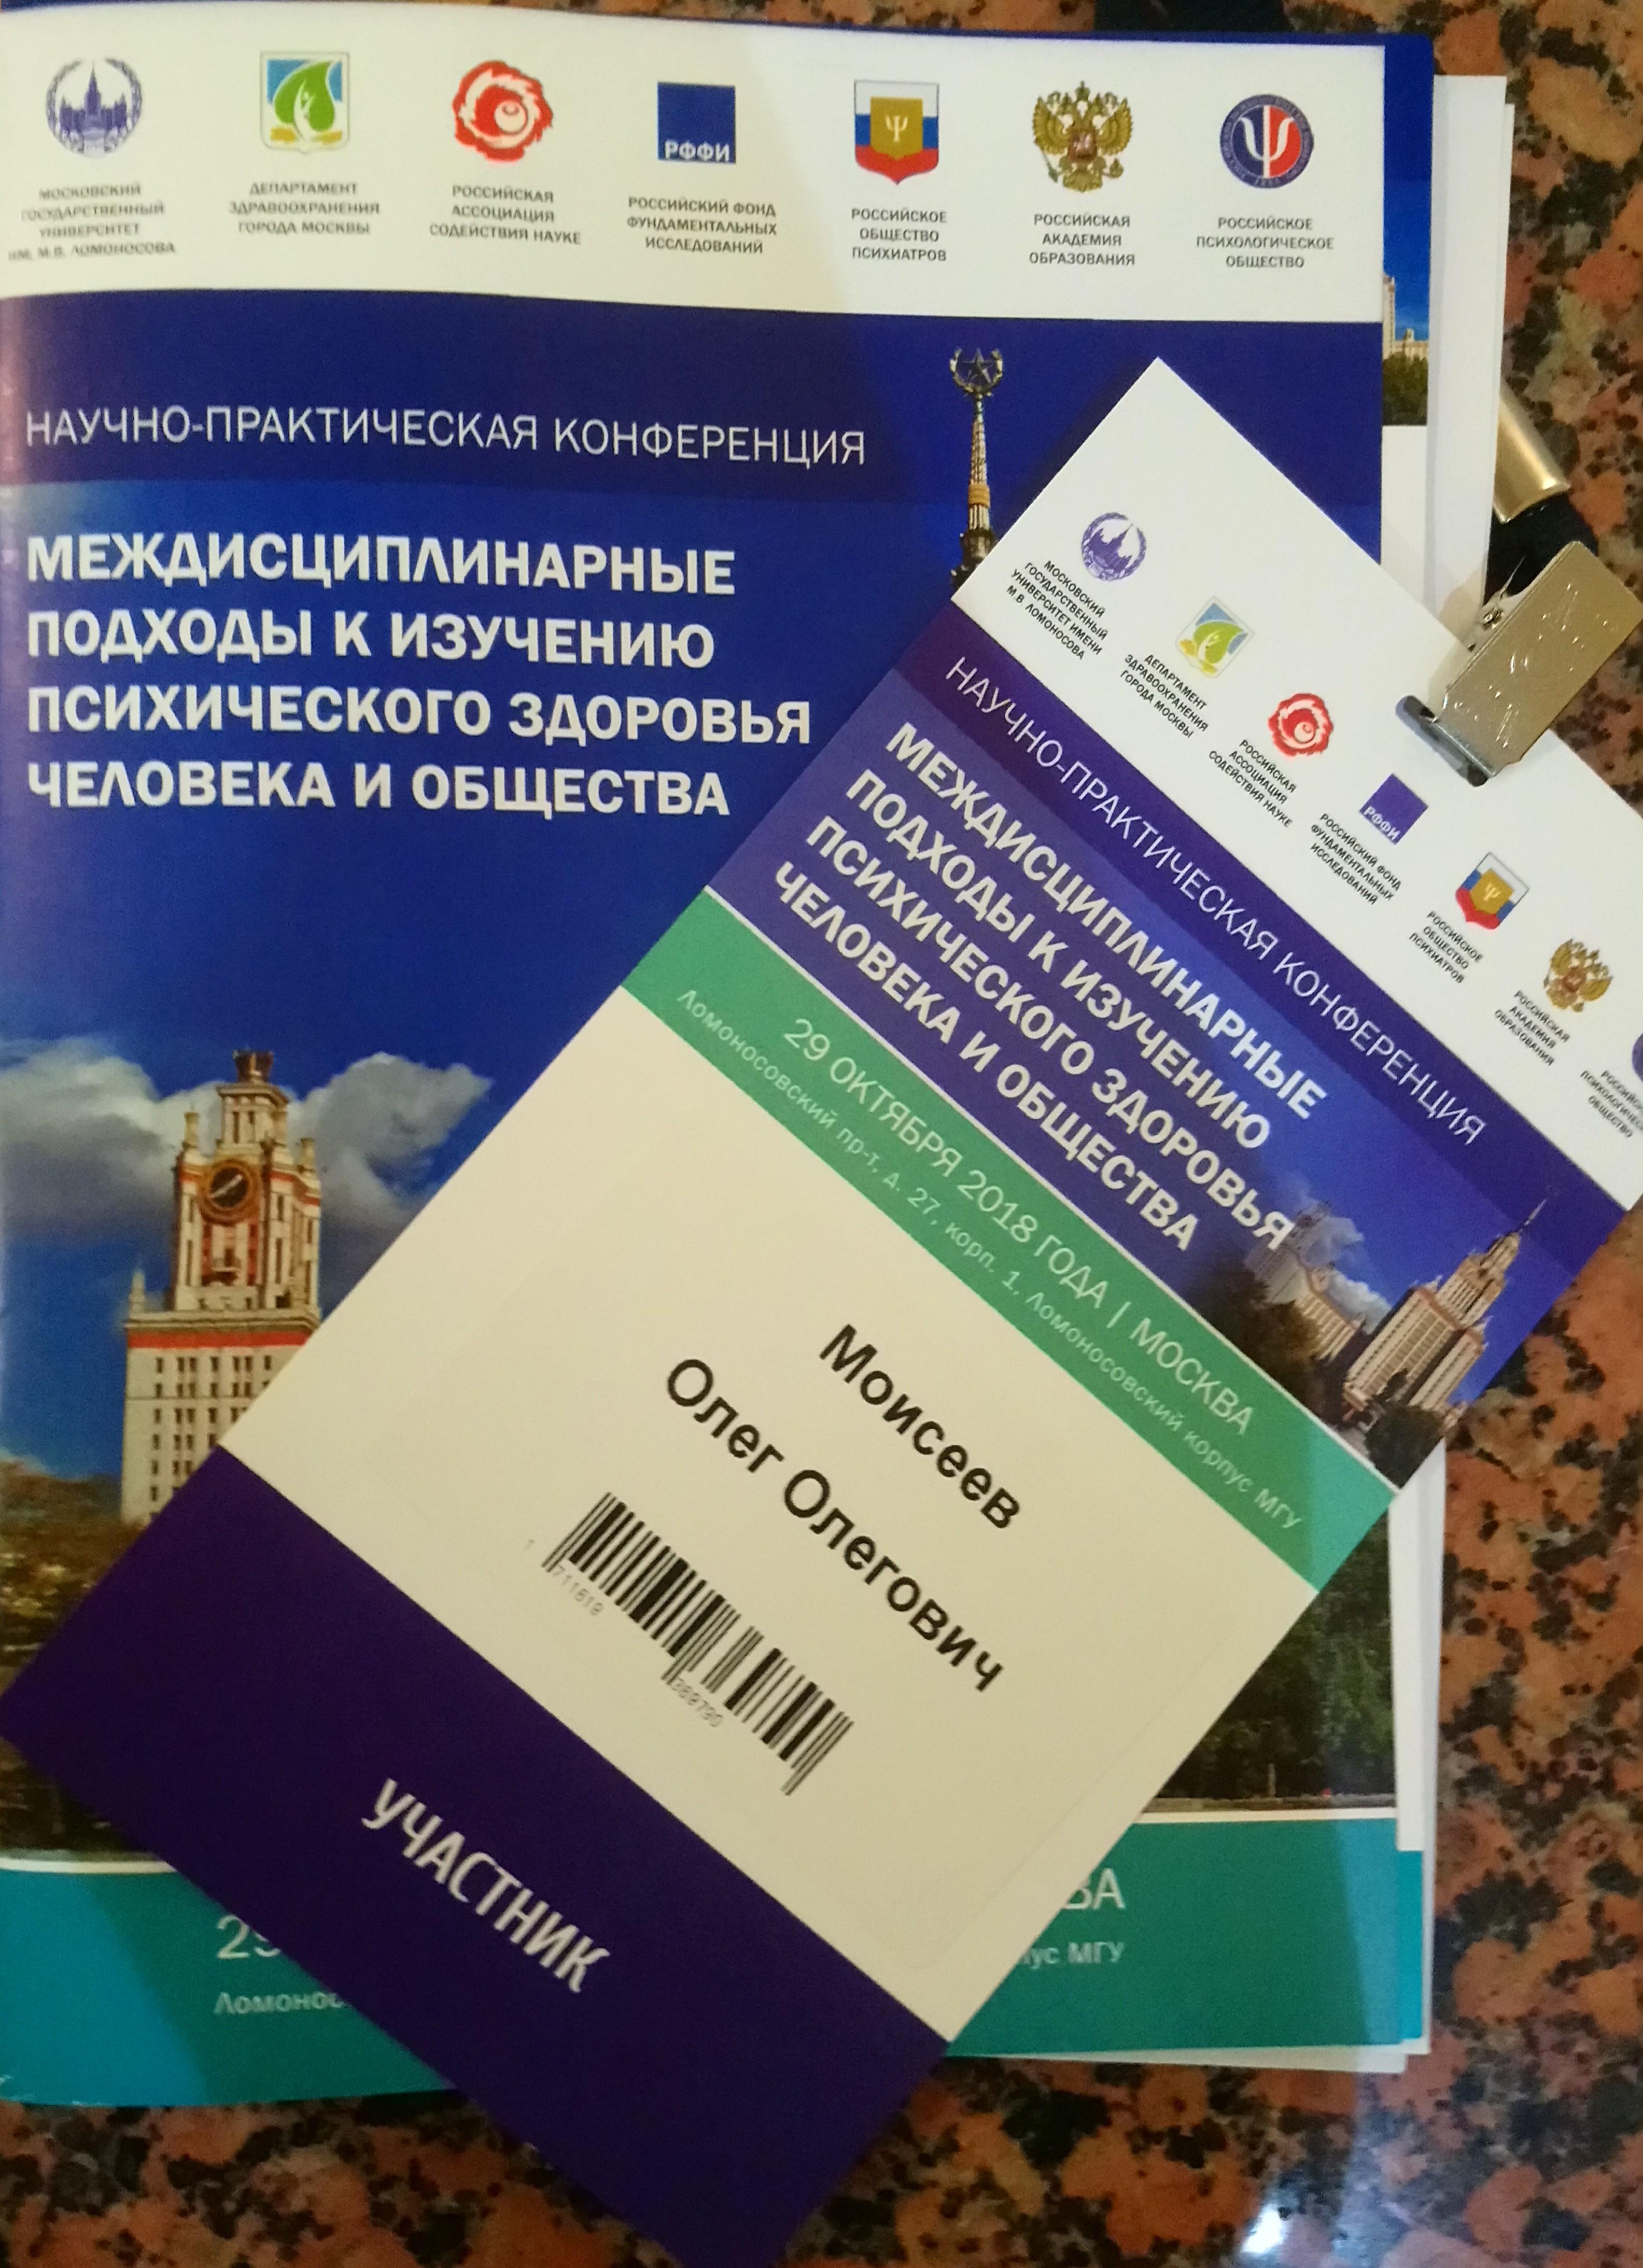 Общее дело в научно-практической конференции «Междисциплинарные подходы к изучению здоровья человека и общества»